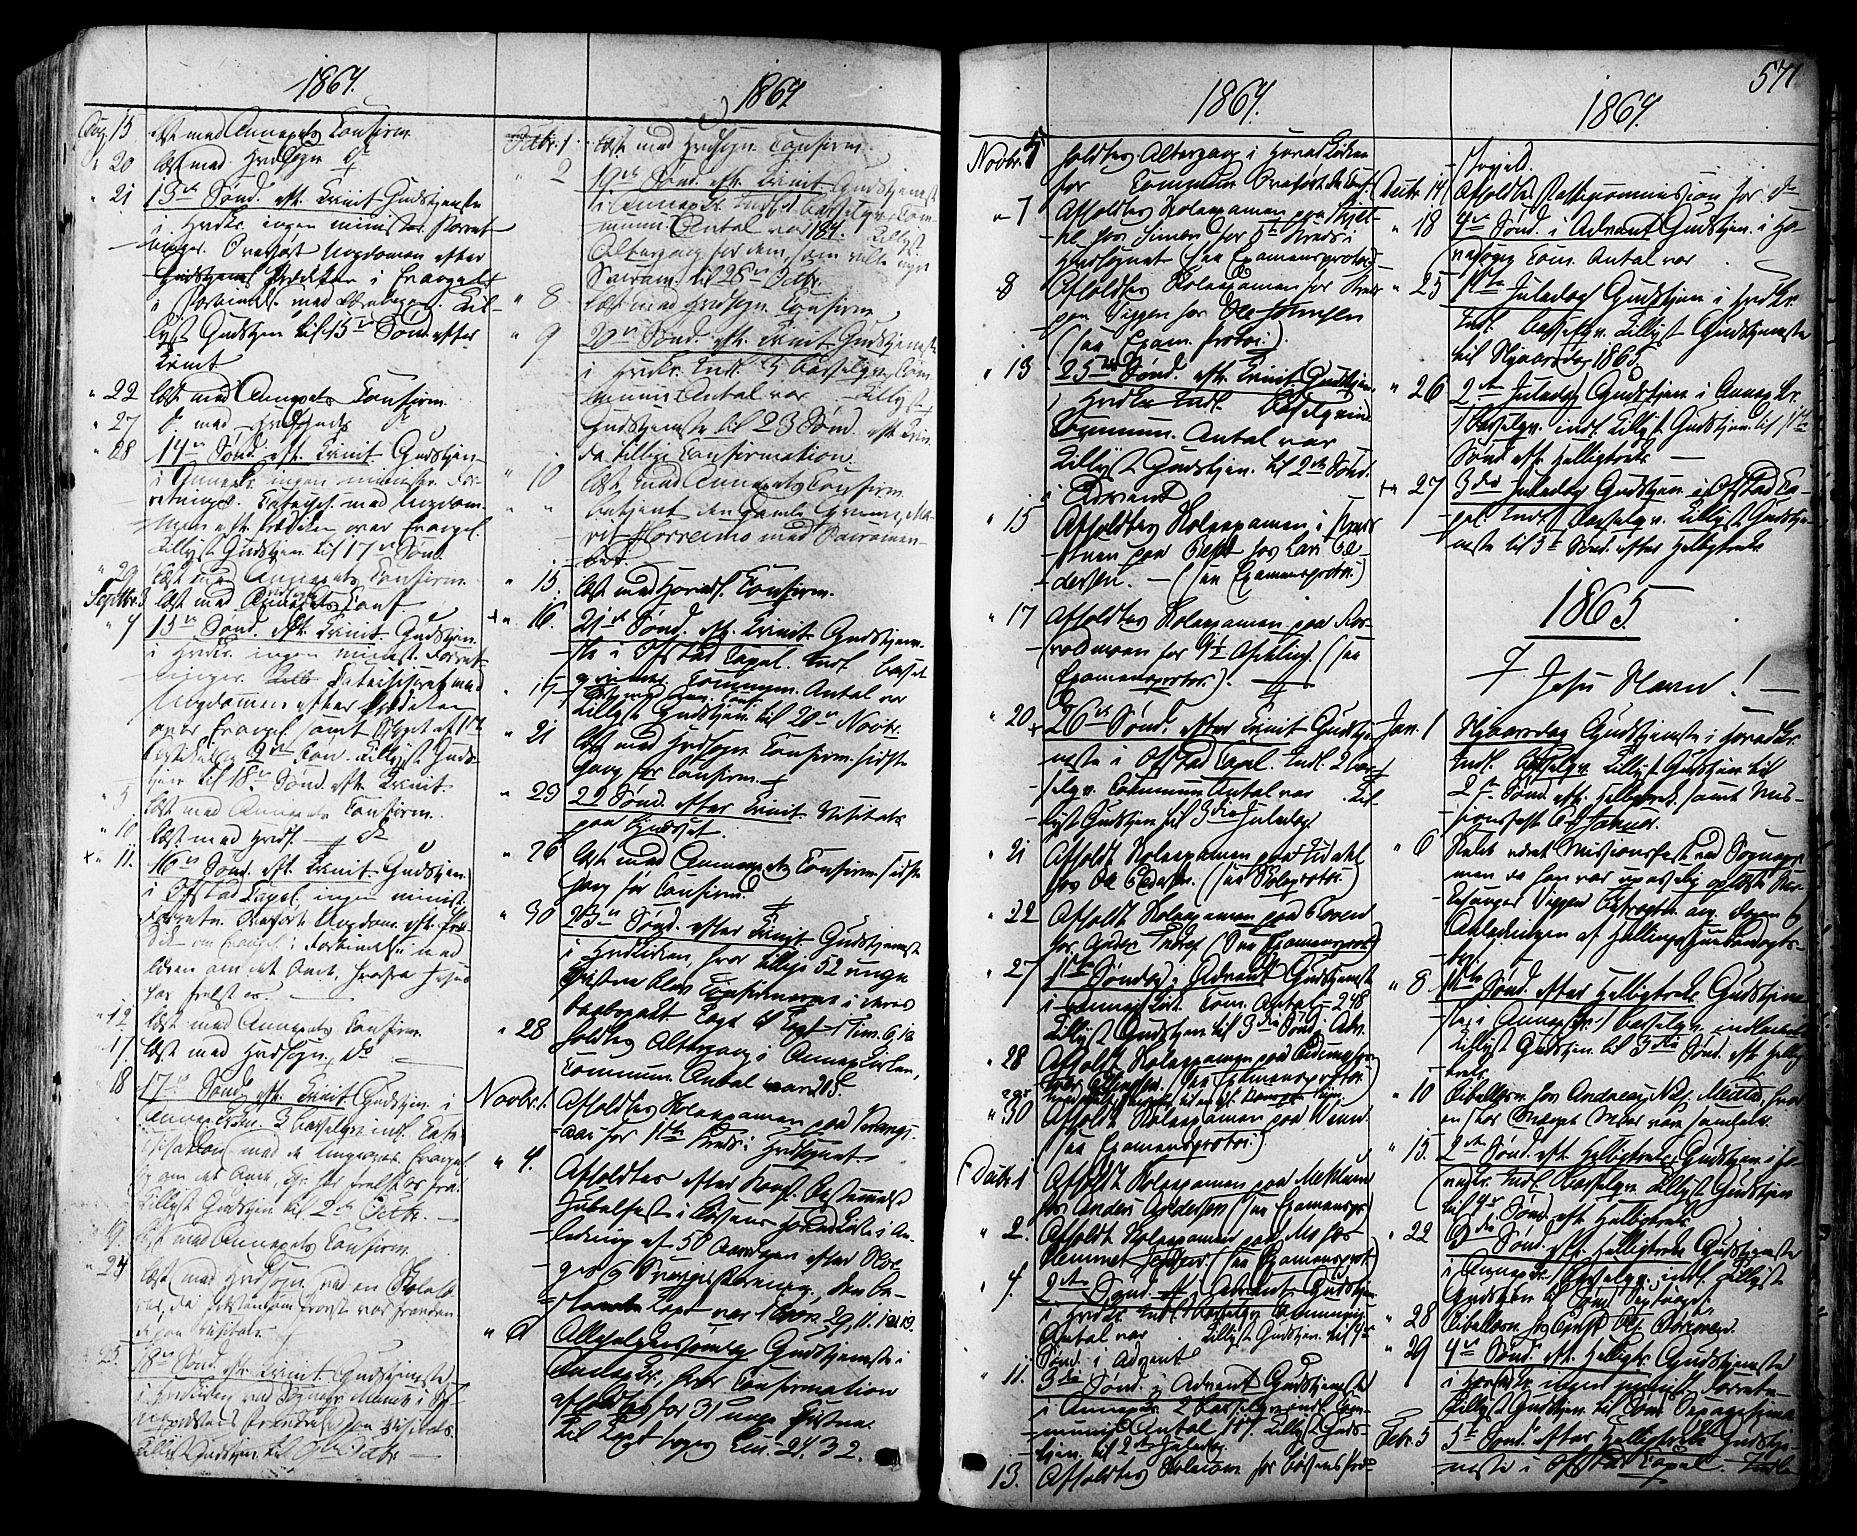 SAT, Ministerialprotokoller, klokkerbøker og fødselsregistre - Sør-Trøndelag, 665/L0772: Ministerialbok nr. 665A07, 1856-1878, s. 571